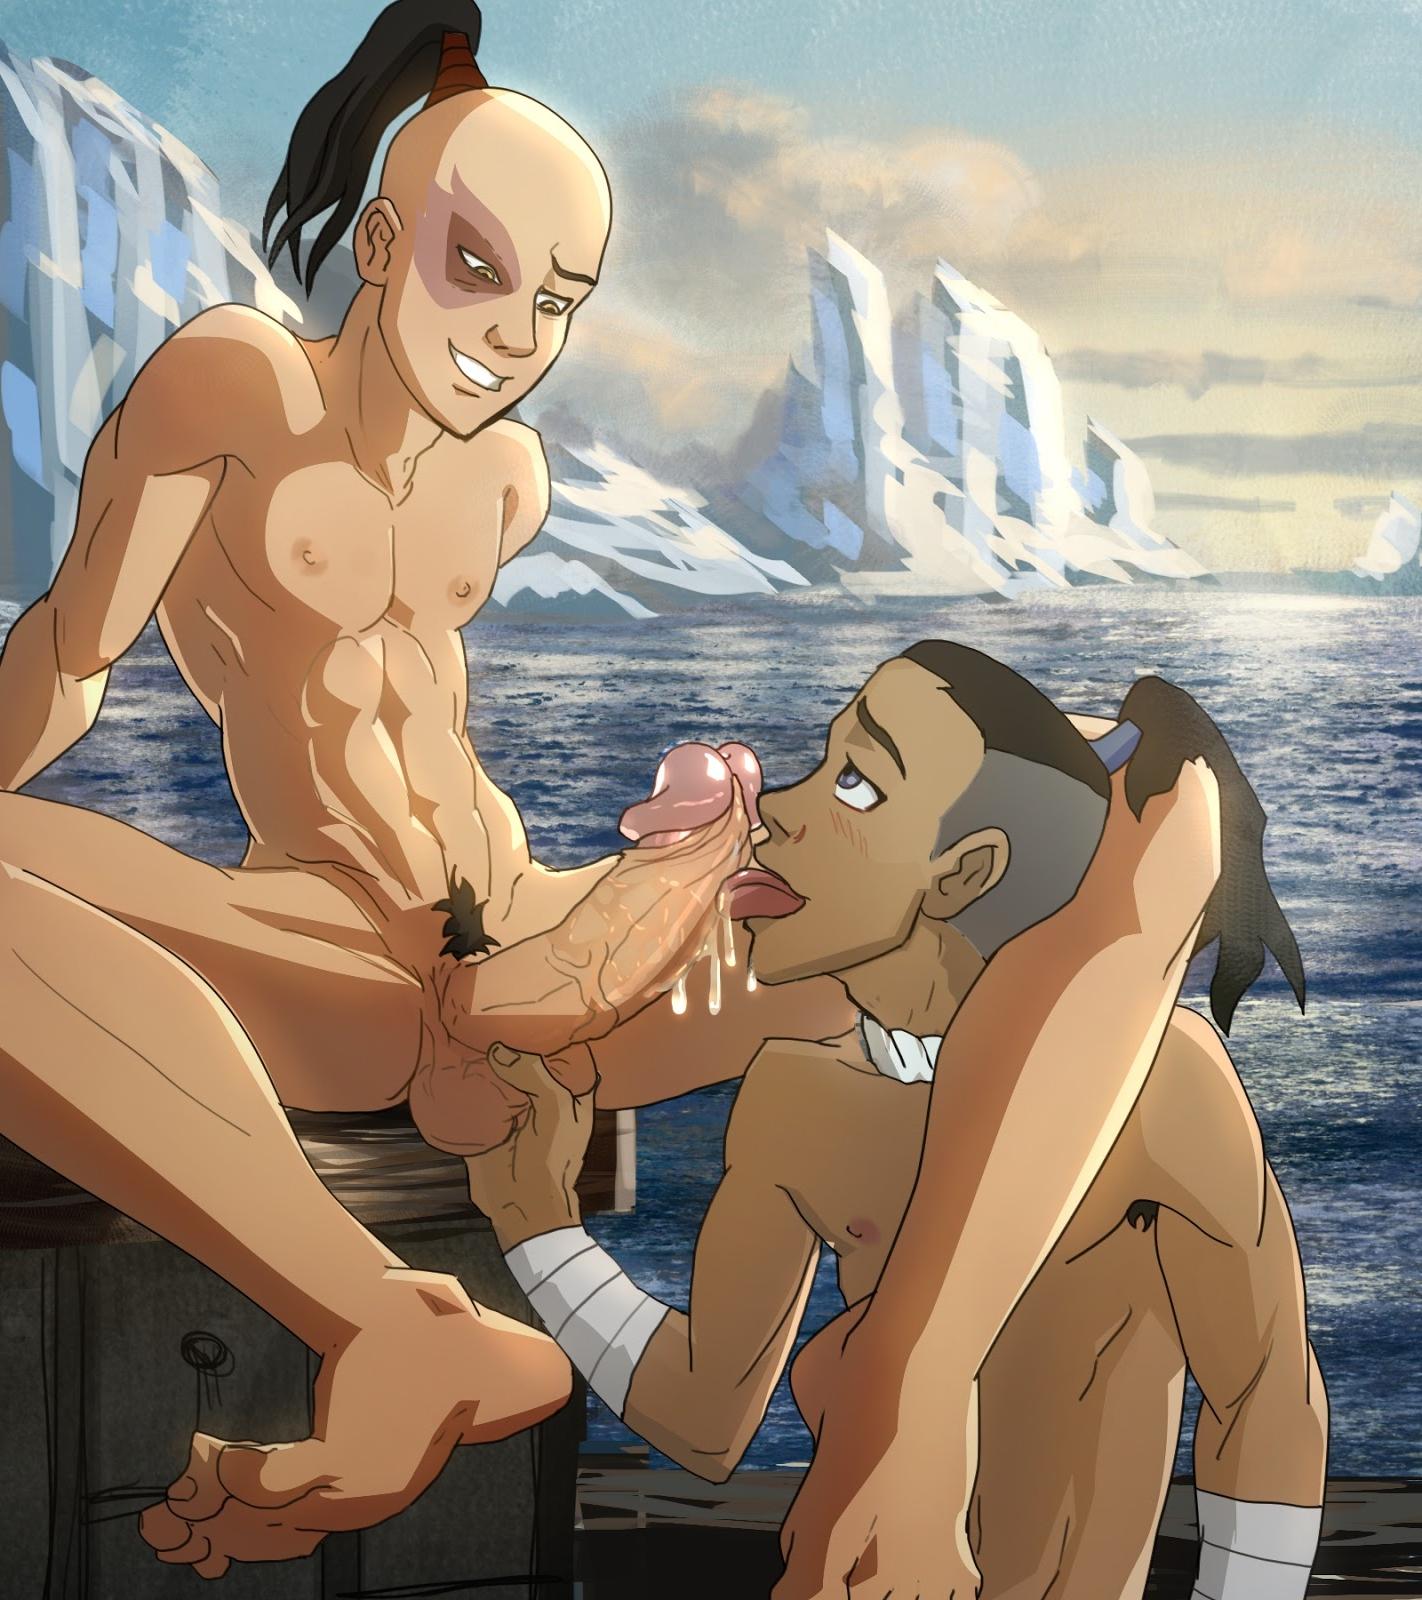 Я...........вот это гей порно аватар аанг могли расписать